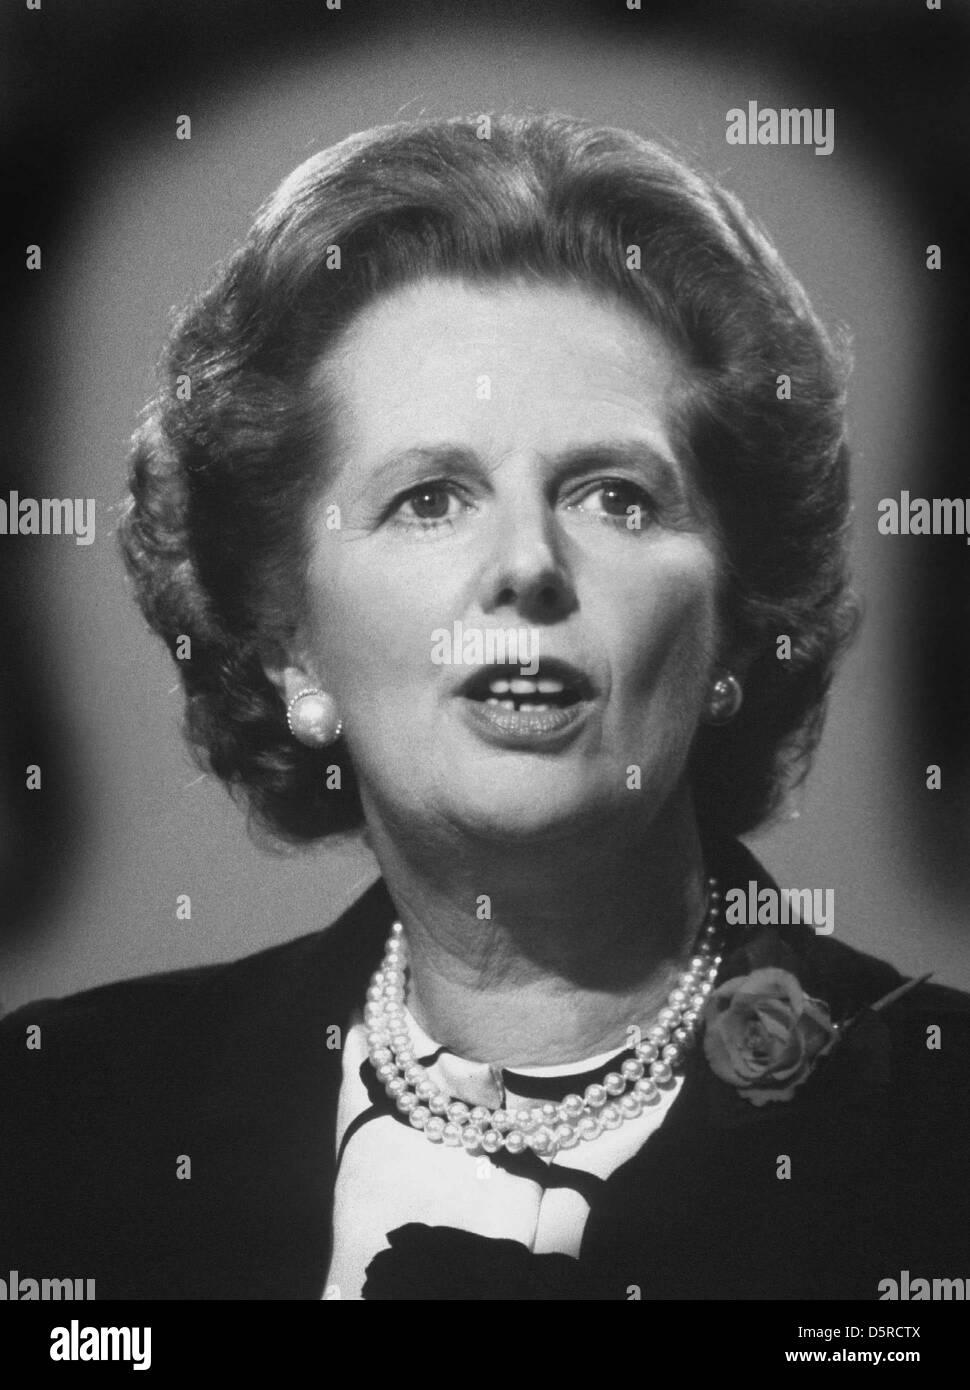 Archivo: Lady Margaret Thatcher murió hoy 8 de abril de 2013. Esta foto fue tomada en los 80's cuando estaba Imagen De Stock